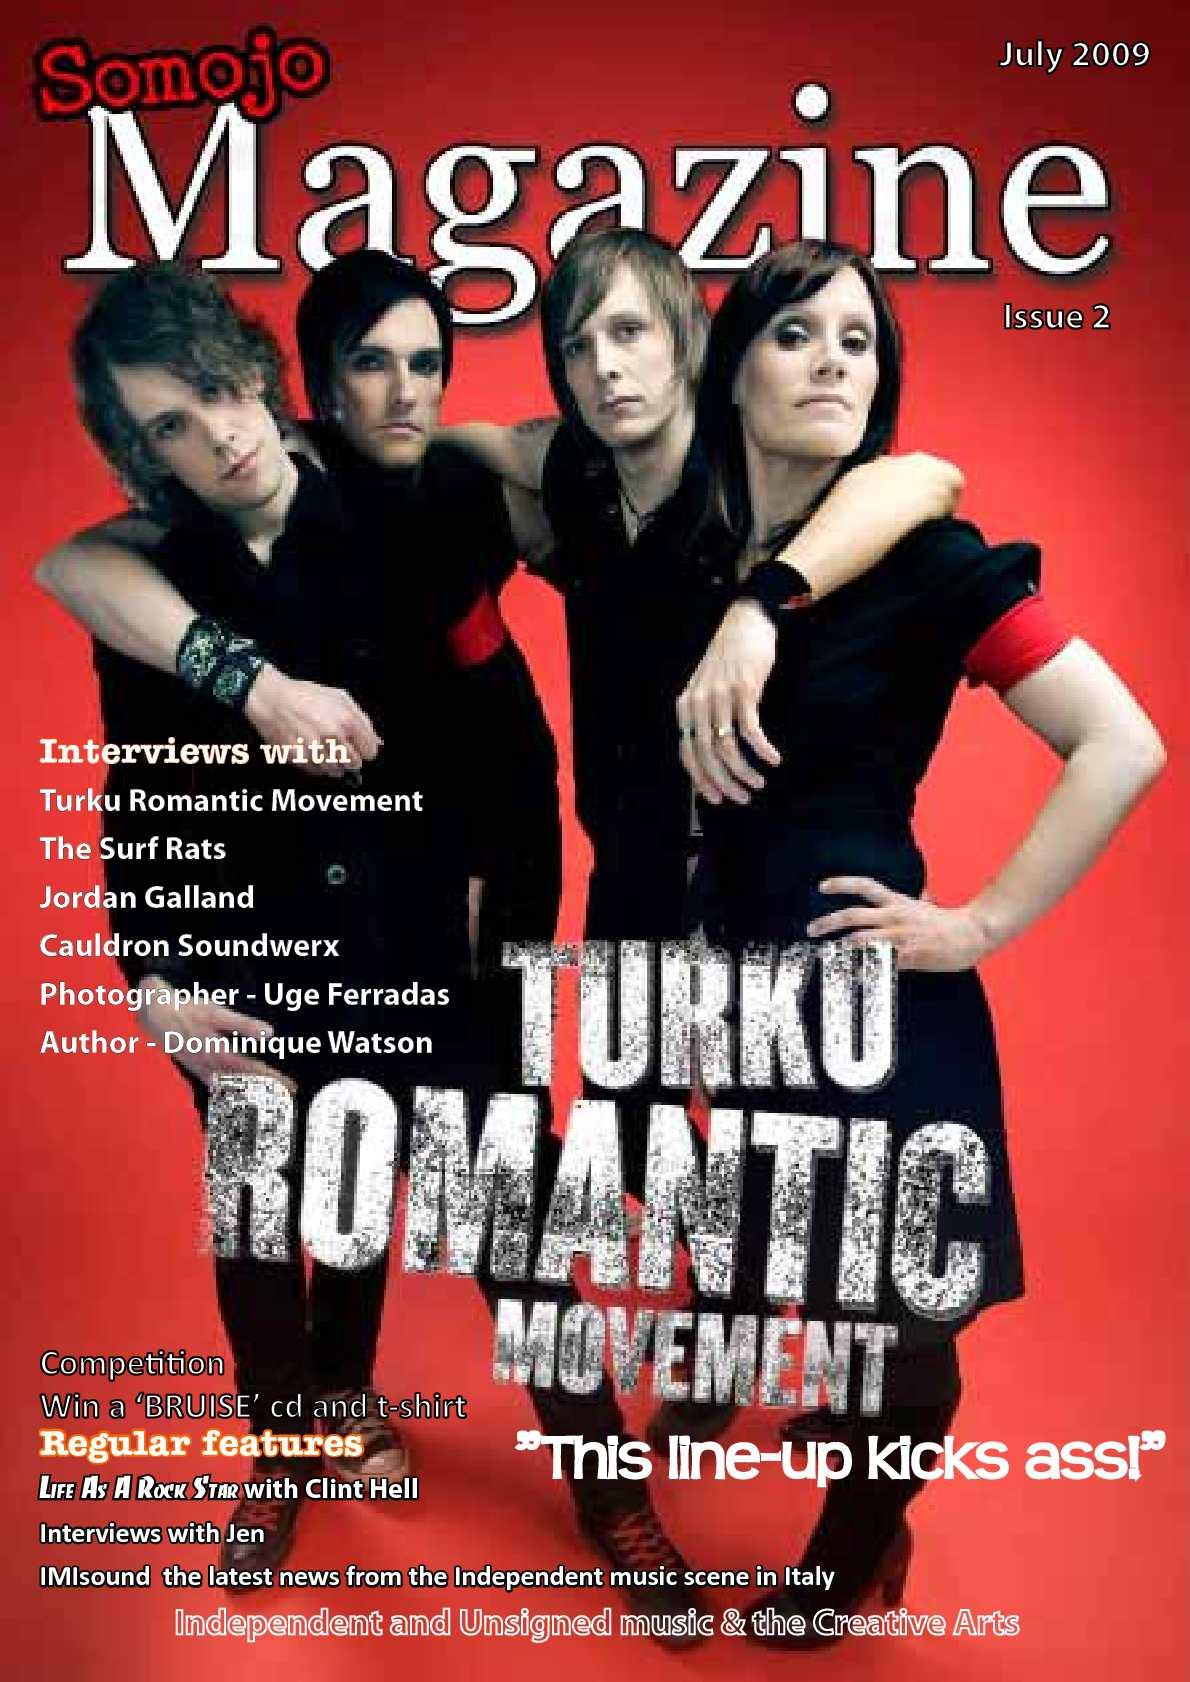 Somojo Magazine issue 2